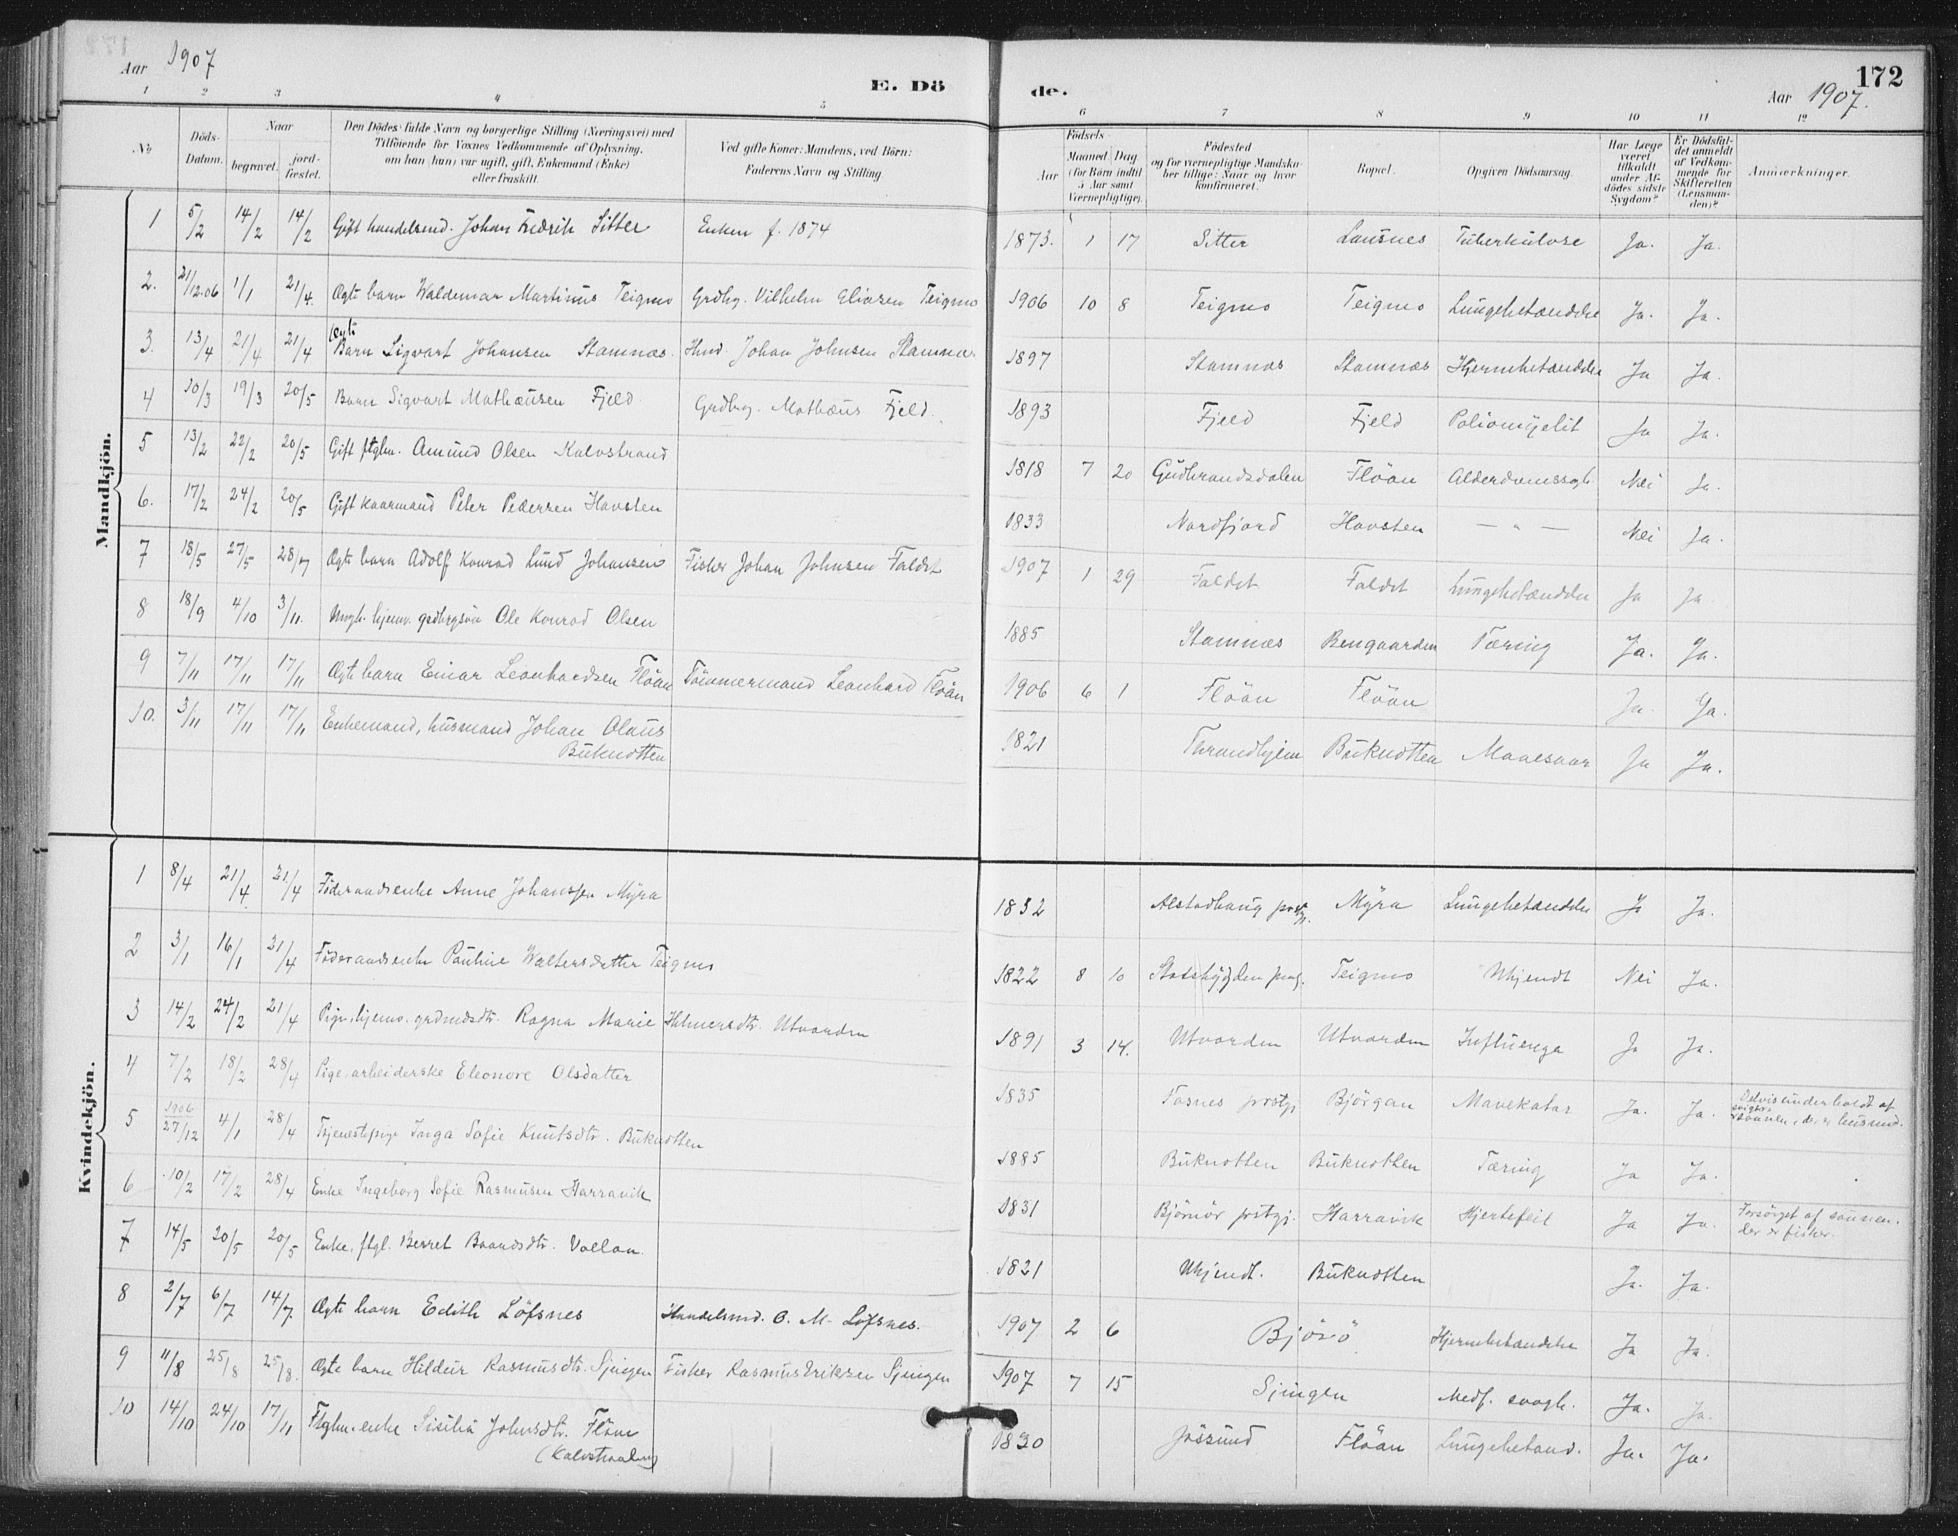 SAT, Ministerialprotokoller, klokkerbøker og fødselsregistre - Nord-Trøndelag, 772/L0603: Ministerialbok nr. 772A01, 1885-1912, s. 172